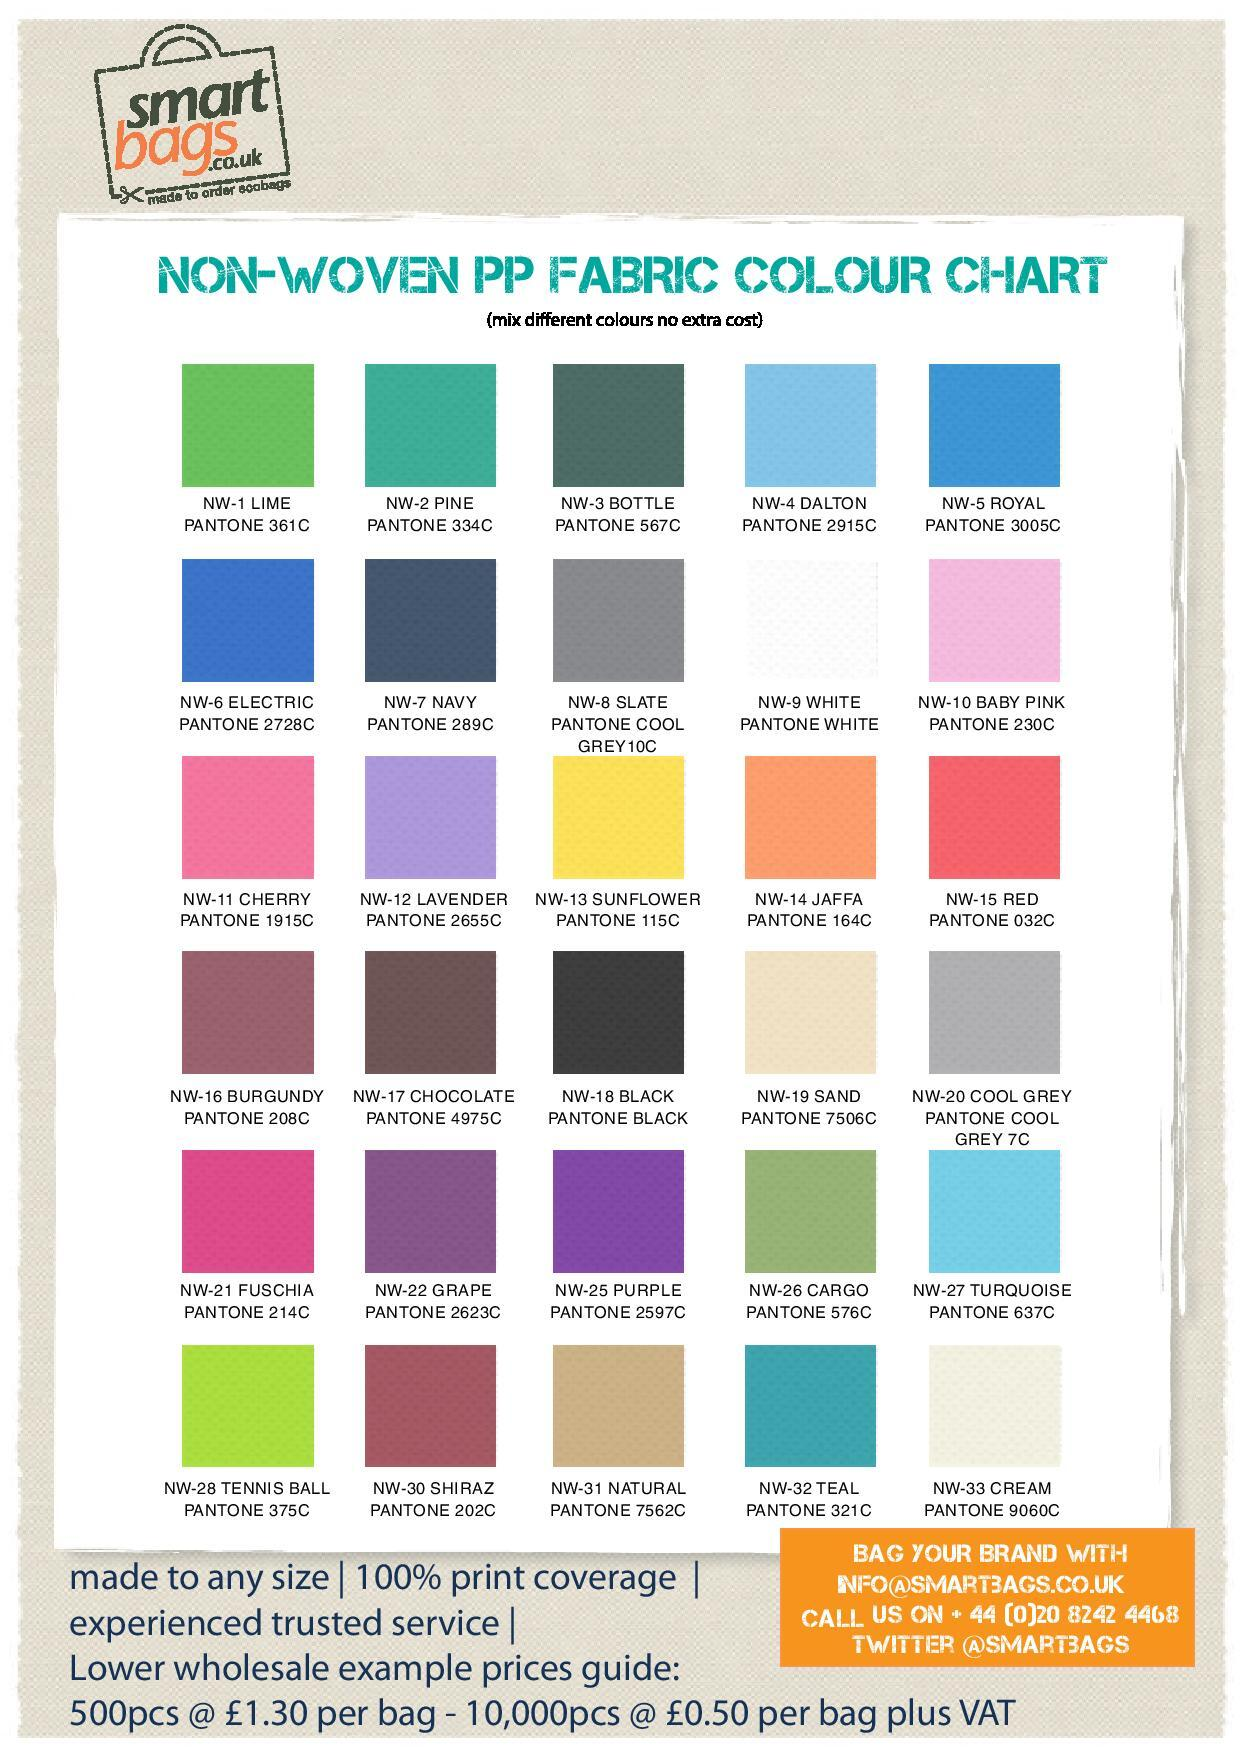 Non-woven PP Bag Colour Chart